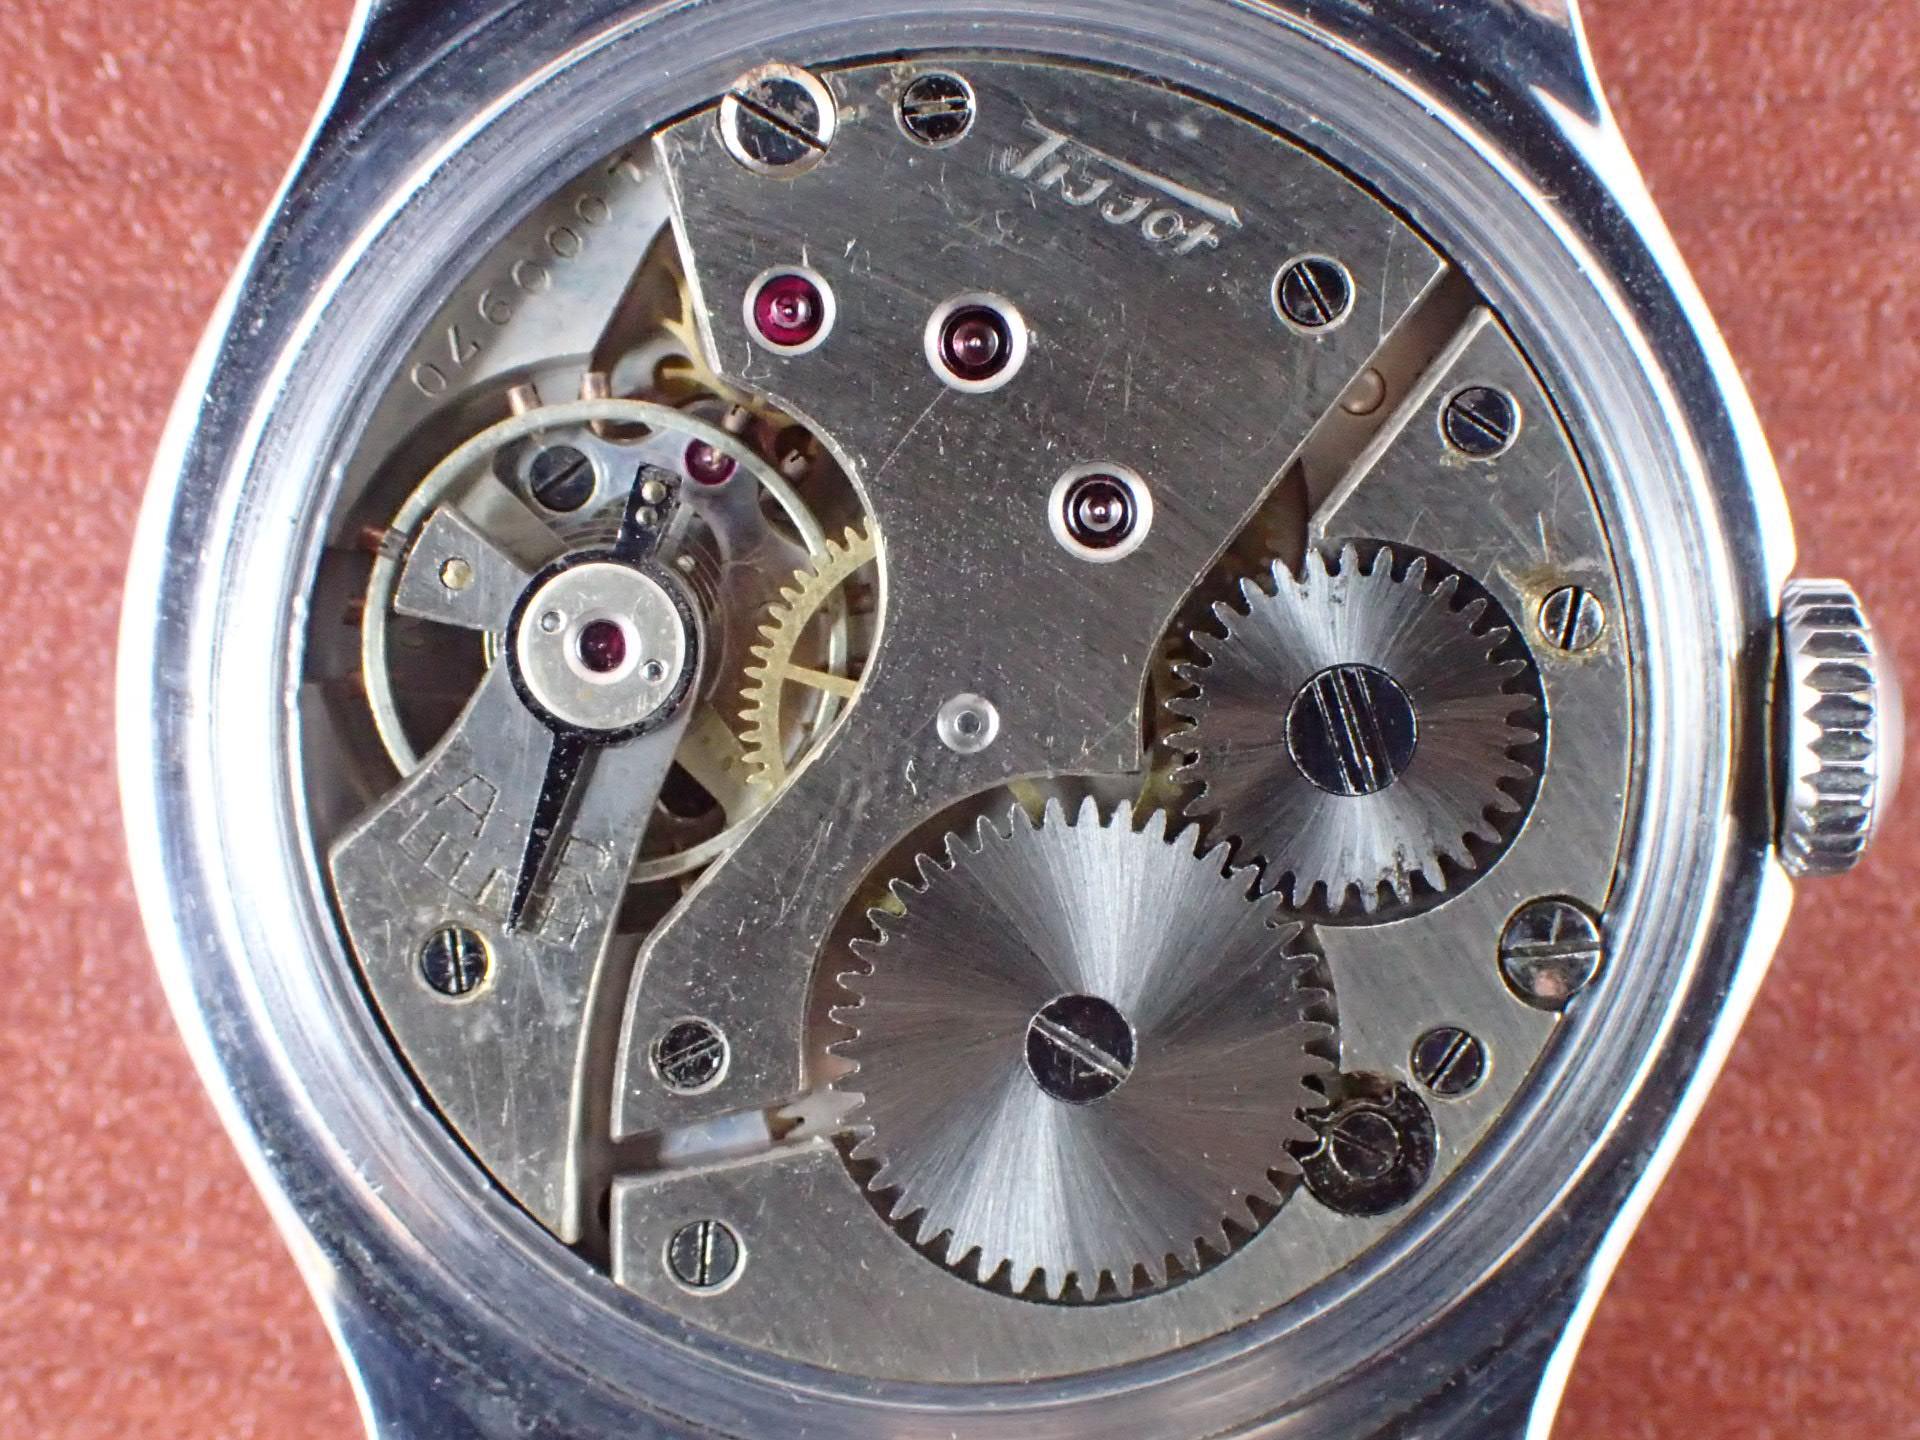 ティソ セクターデザイン Cal.27 ブラックダイアル 1930年代の写真5枚目